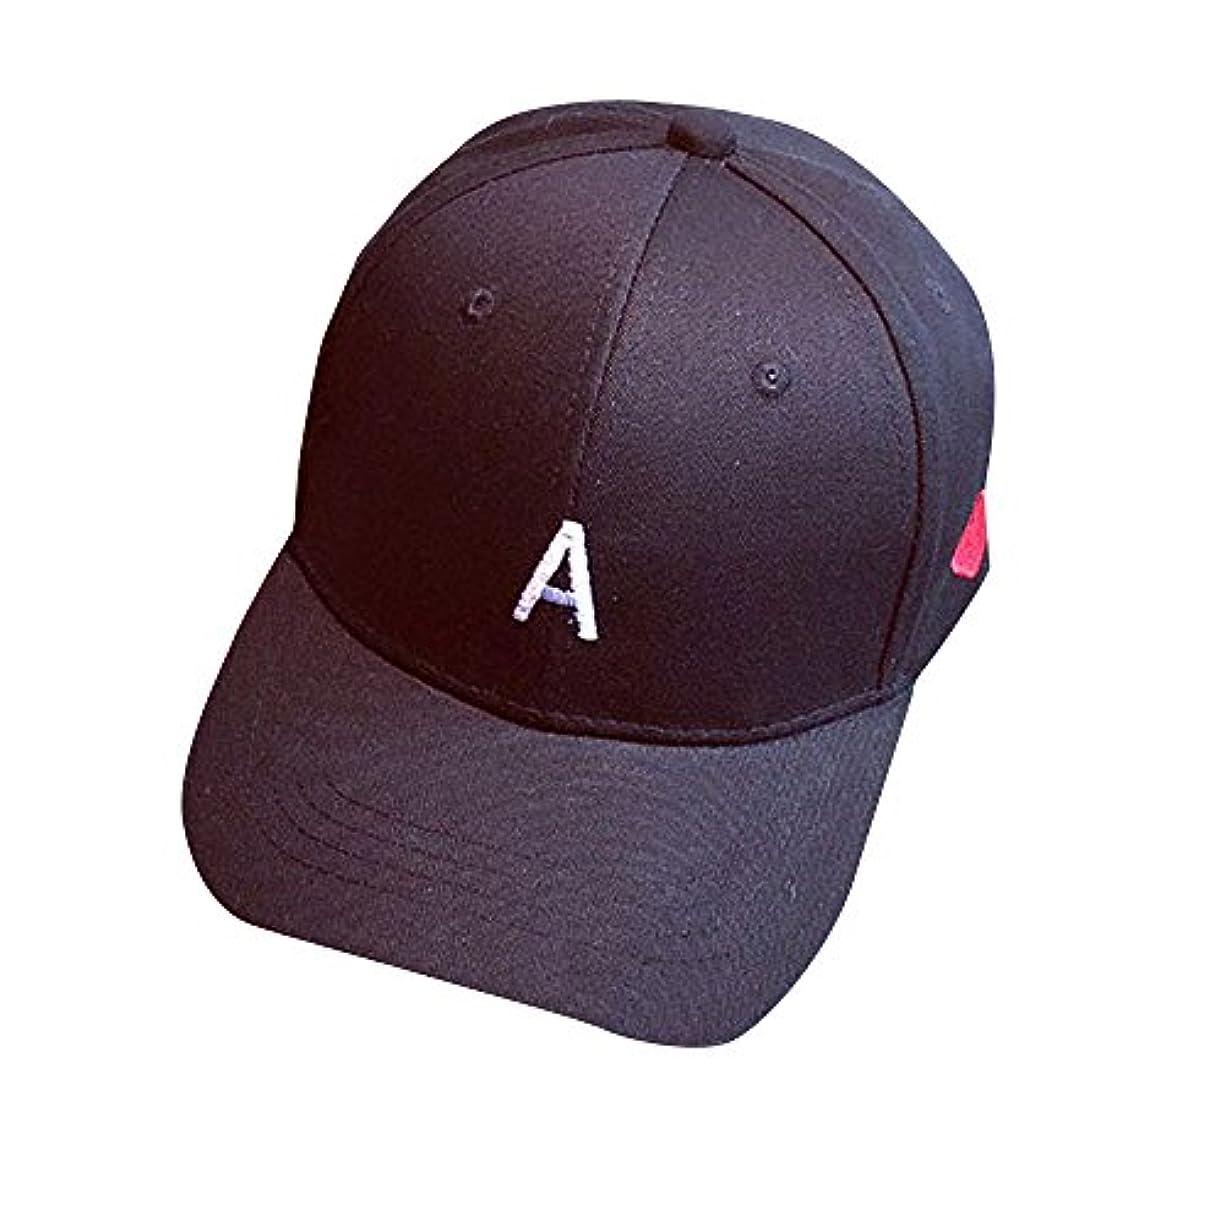 高潔な羊飼い盆地Racazing Cap 文字刺繍 野球帽 無地 キャップ 夏 登山 通気性のある 帽子 ベルクロ 可調整可能 ヒップホップ 棒球帽 UV 帽子 軽量 屋外 Unisex Hat (黒)